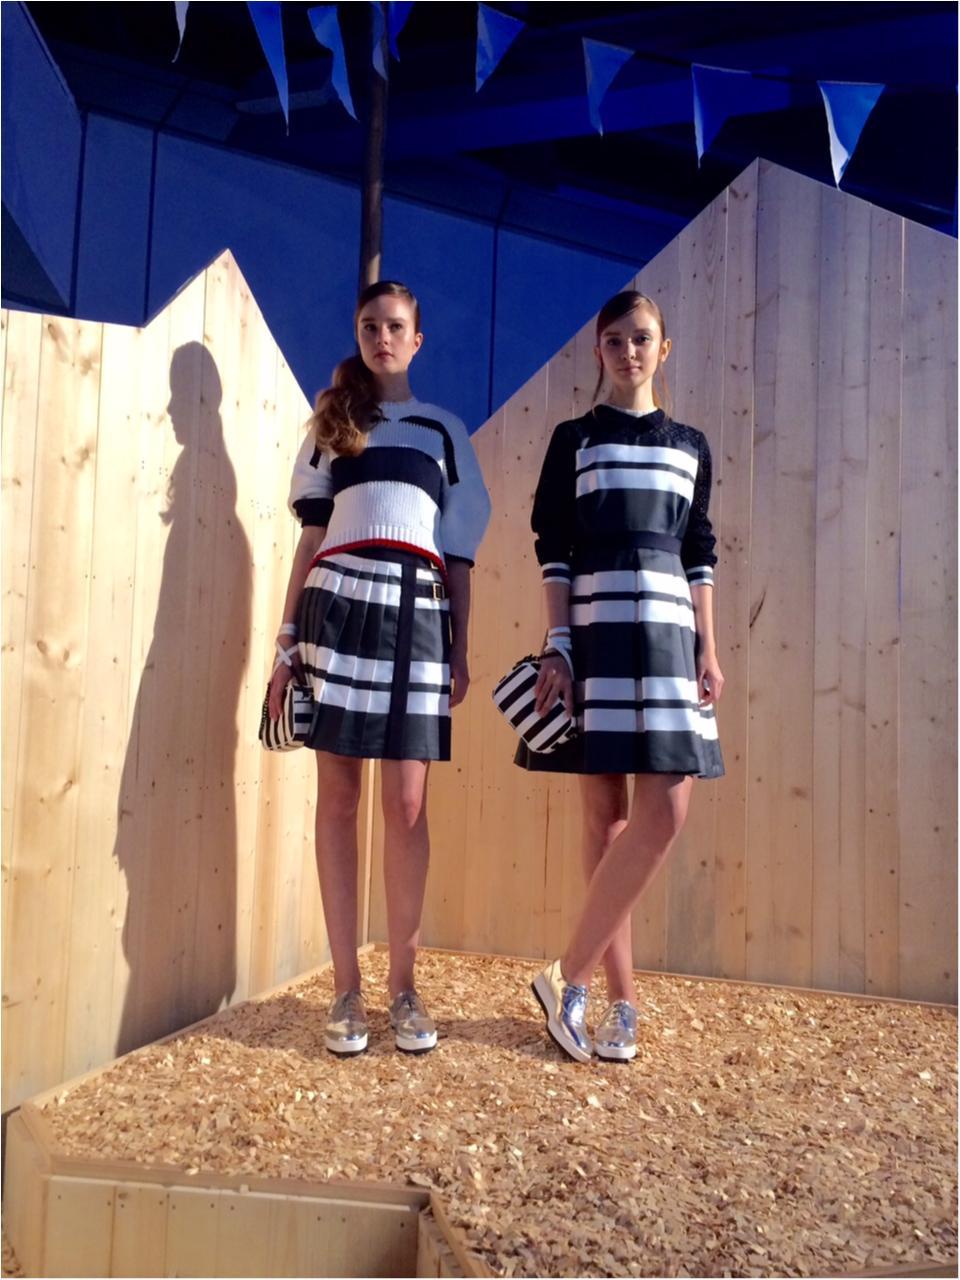 『ブルーレーベル・クレストブリッジ』の春コレクションを先取り! 新しいマリンスタイルにうっとり♡_4